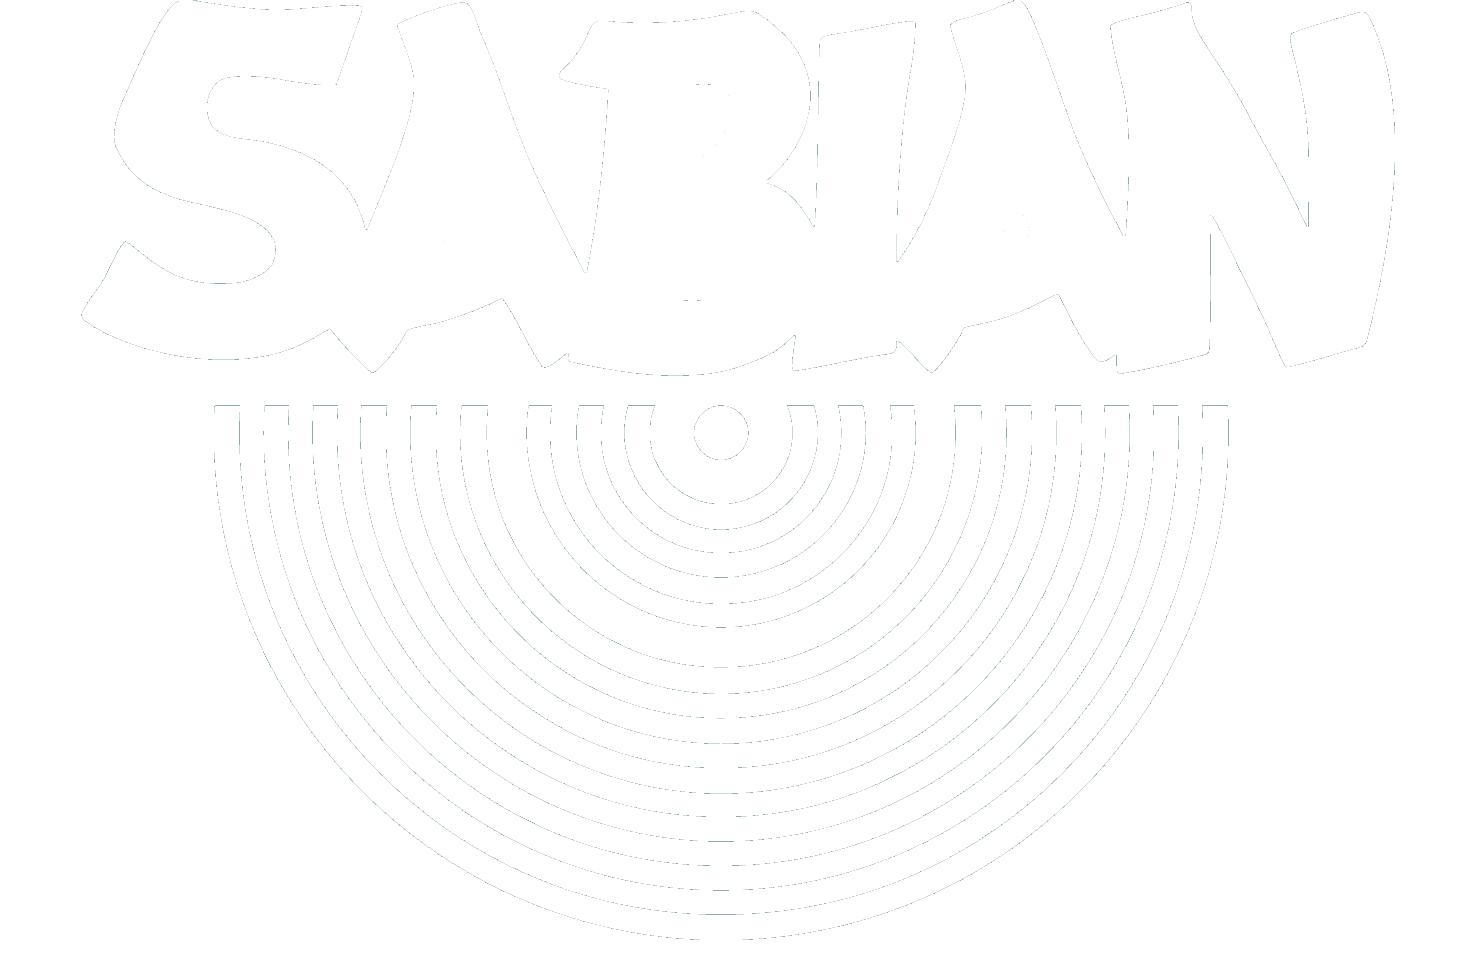 sabian-logo.png